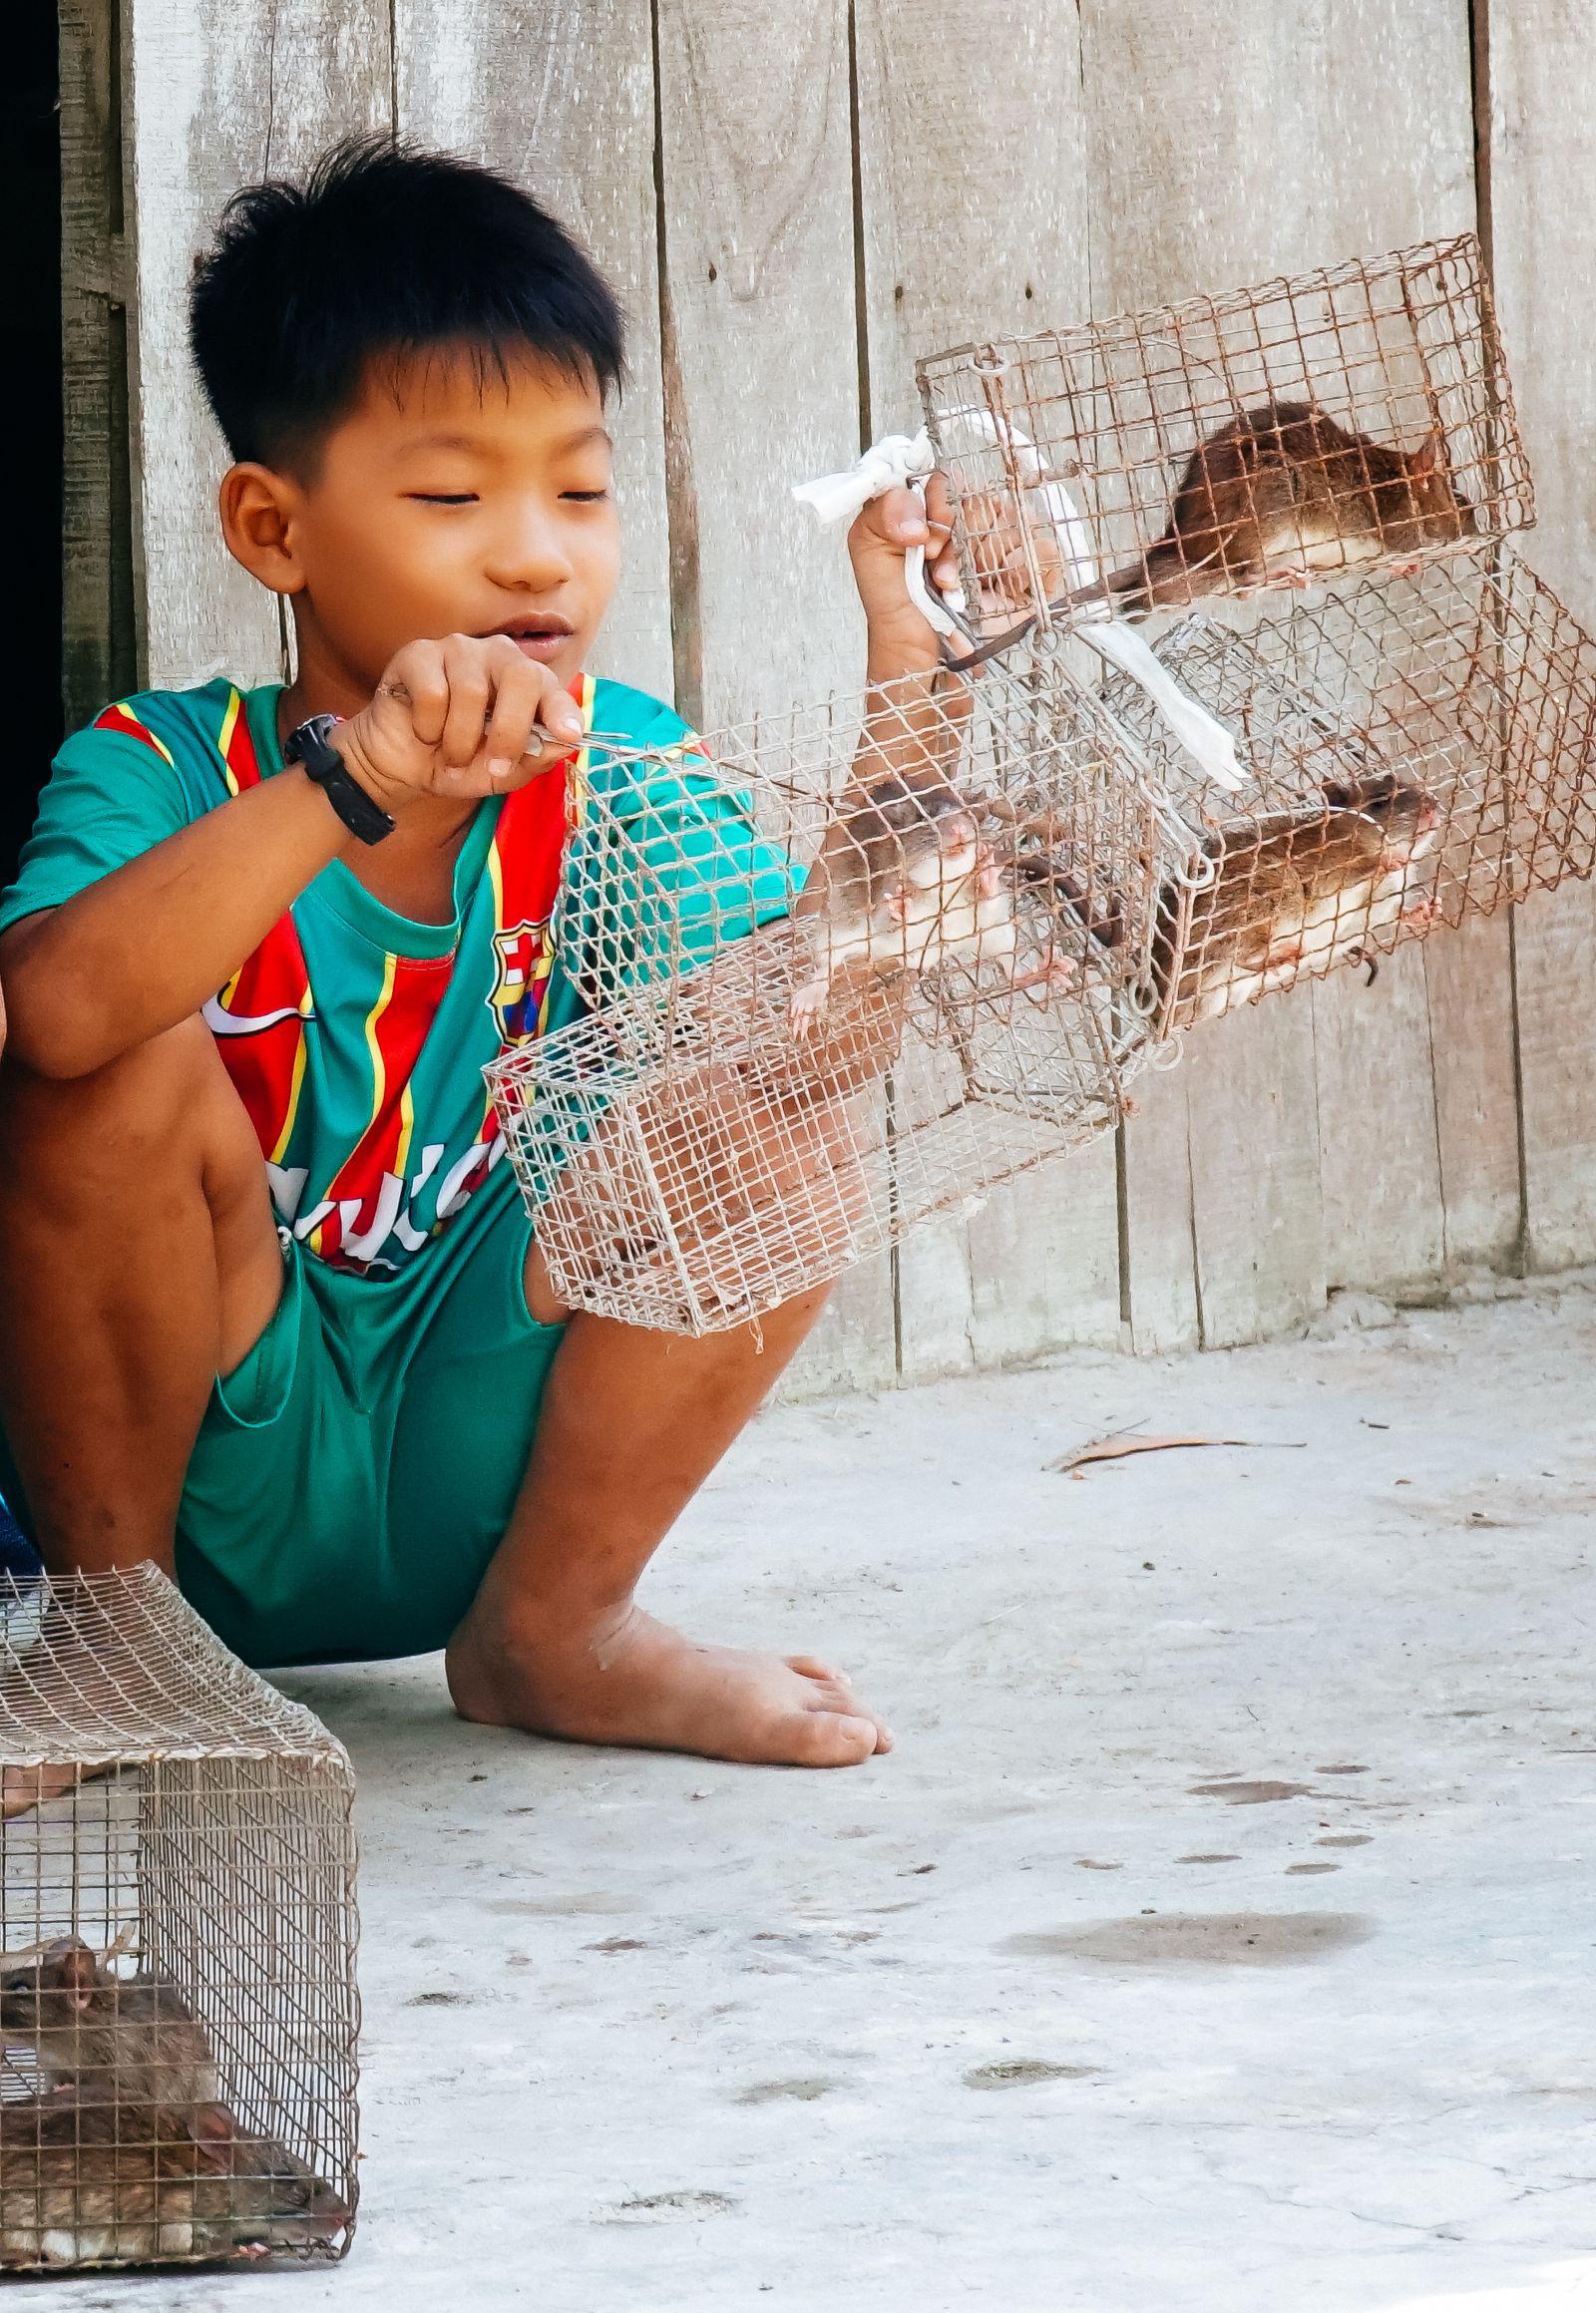 """Theo chân cha con anh Chuột săn bắt chuột trên """"Đồng Chó Ngáp"""" - Ảnh 5."""